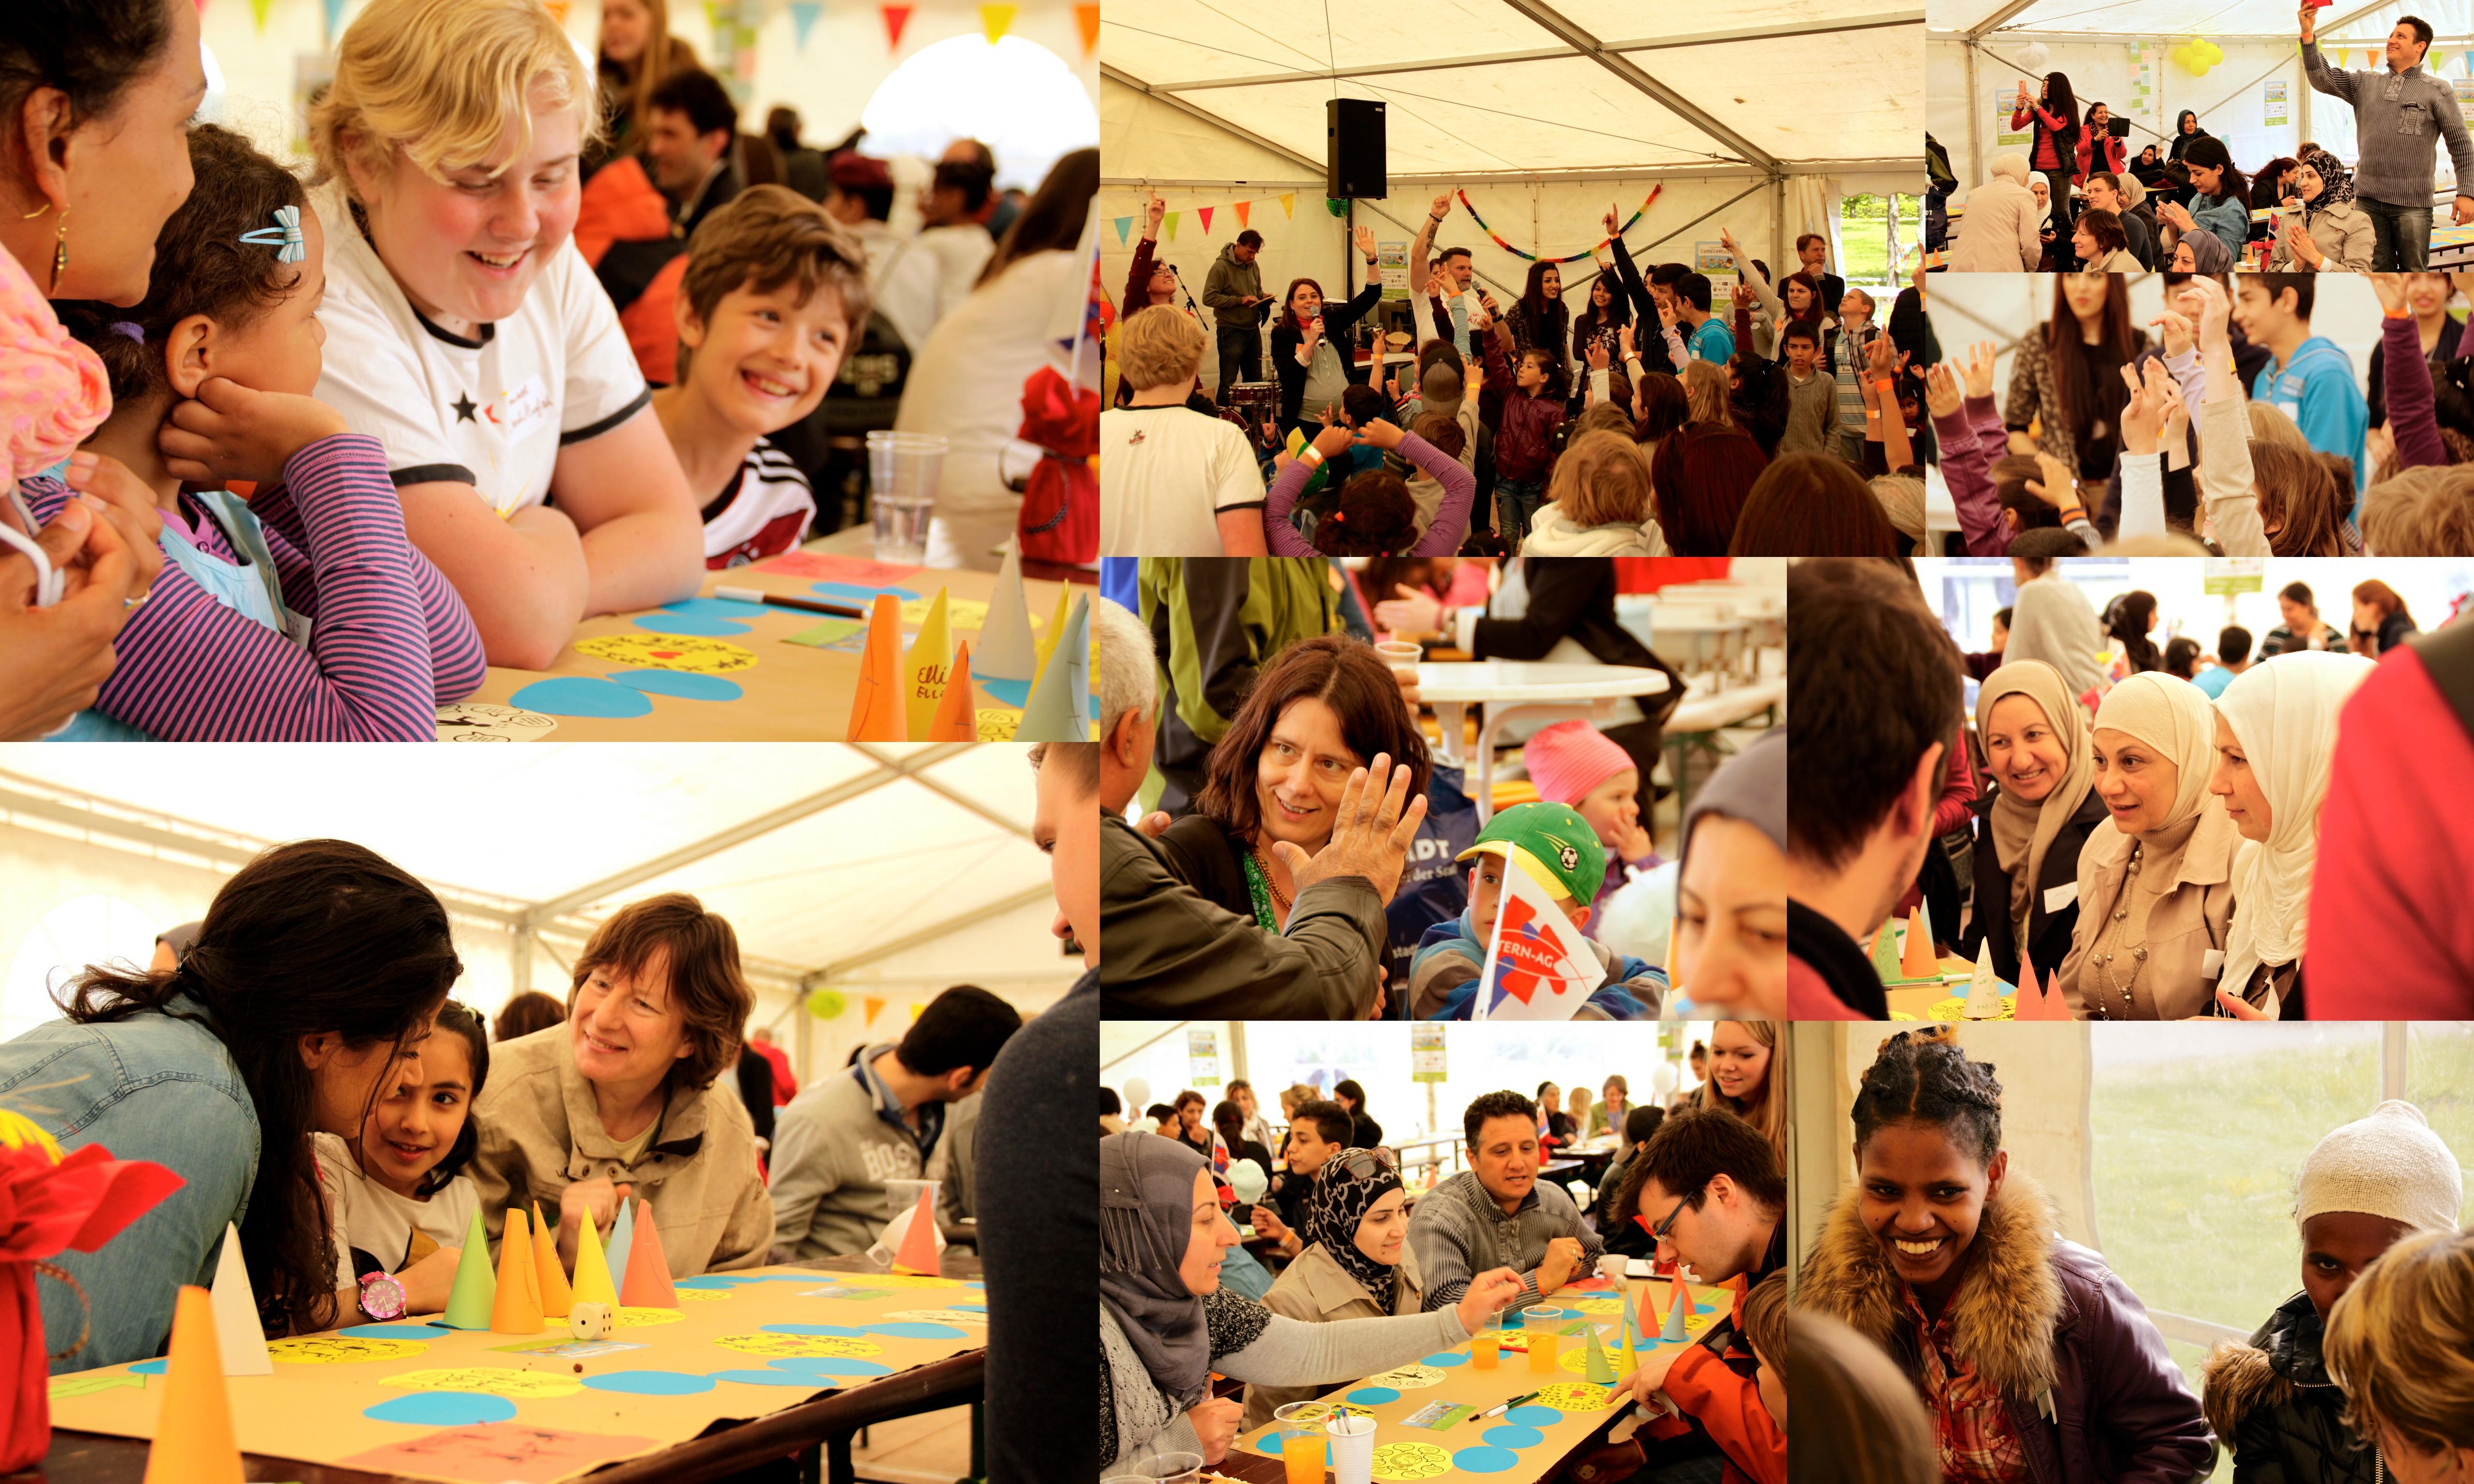 Impressionen vom 1. Internationalen Familienfest im Elbauenpark. 01. Mai 2015